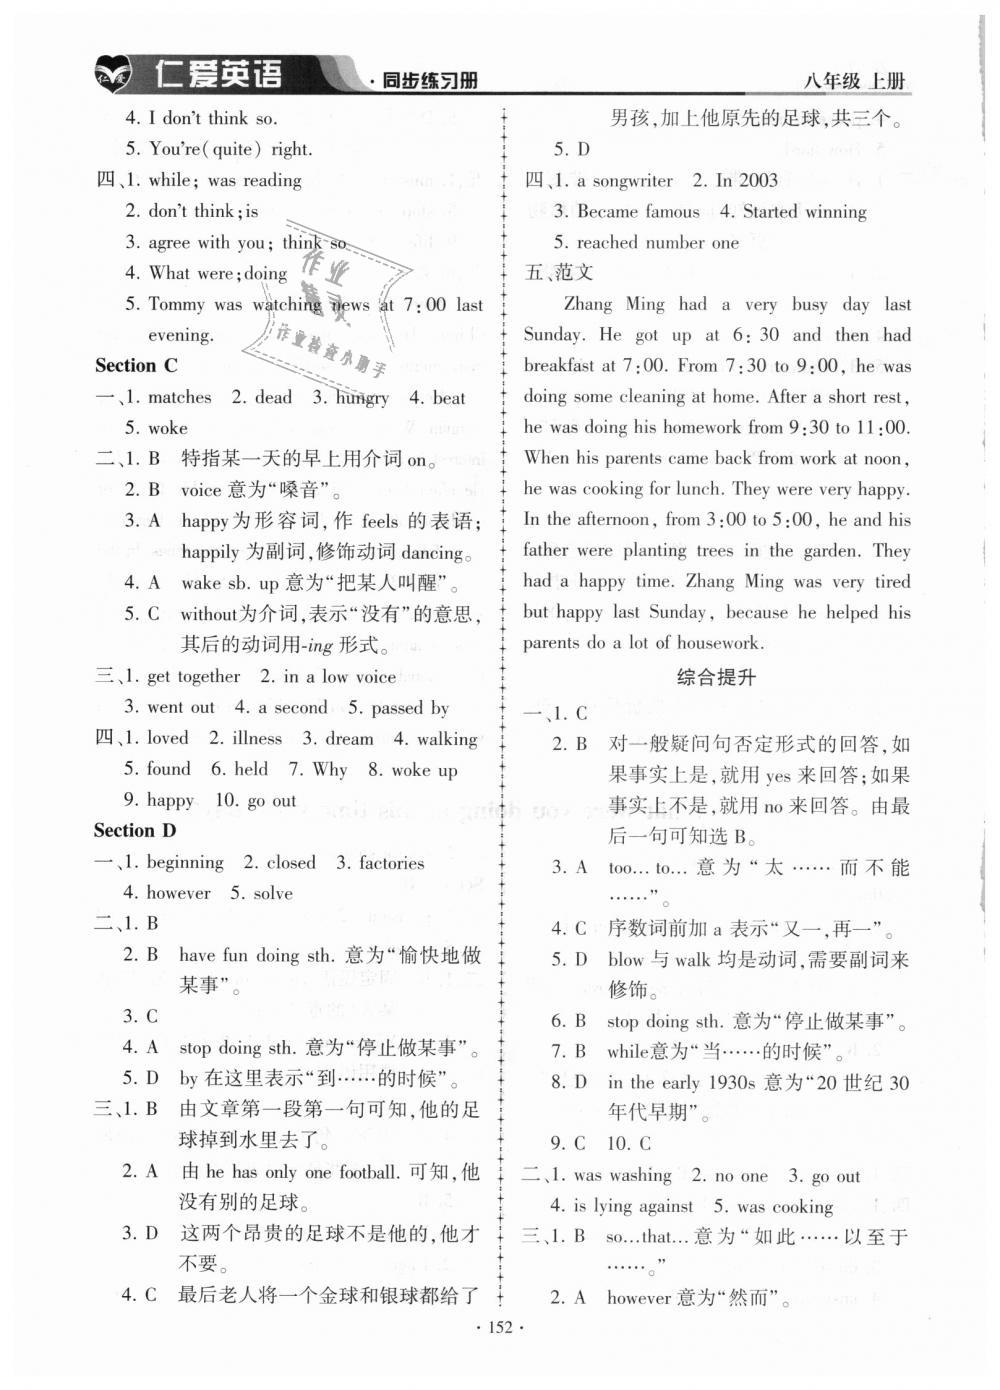 2018年仁爱英语同步练习册八年级上册E第22页